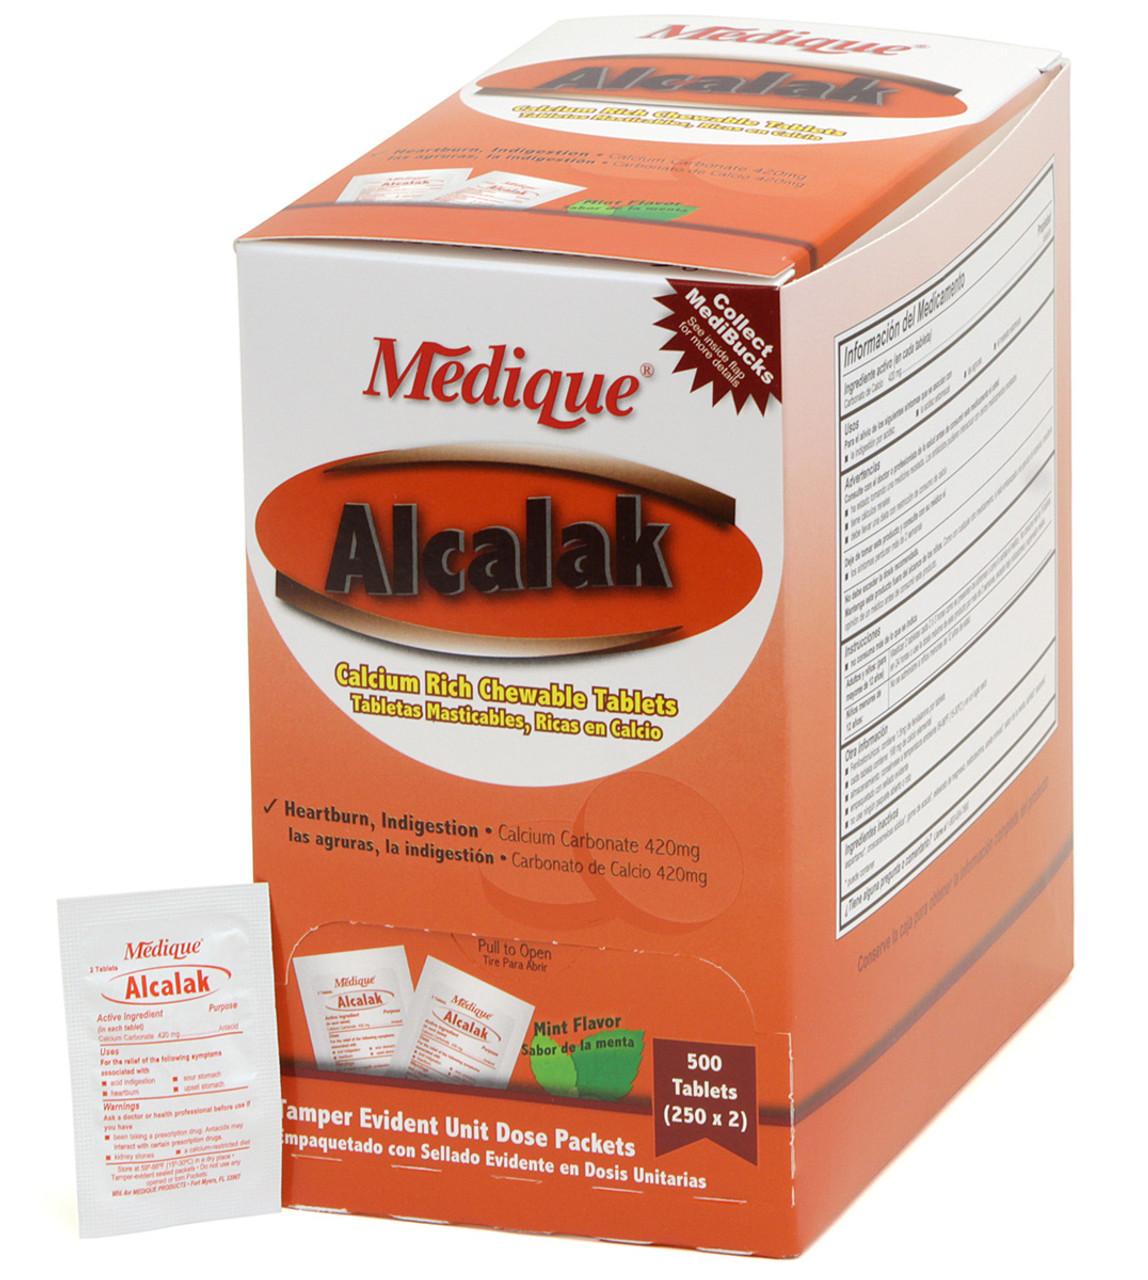 Alcalak Antacid Tablets - Unit Dose